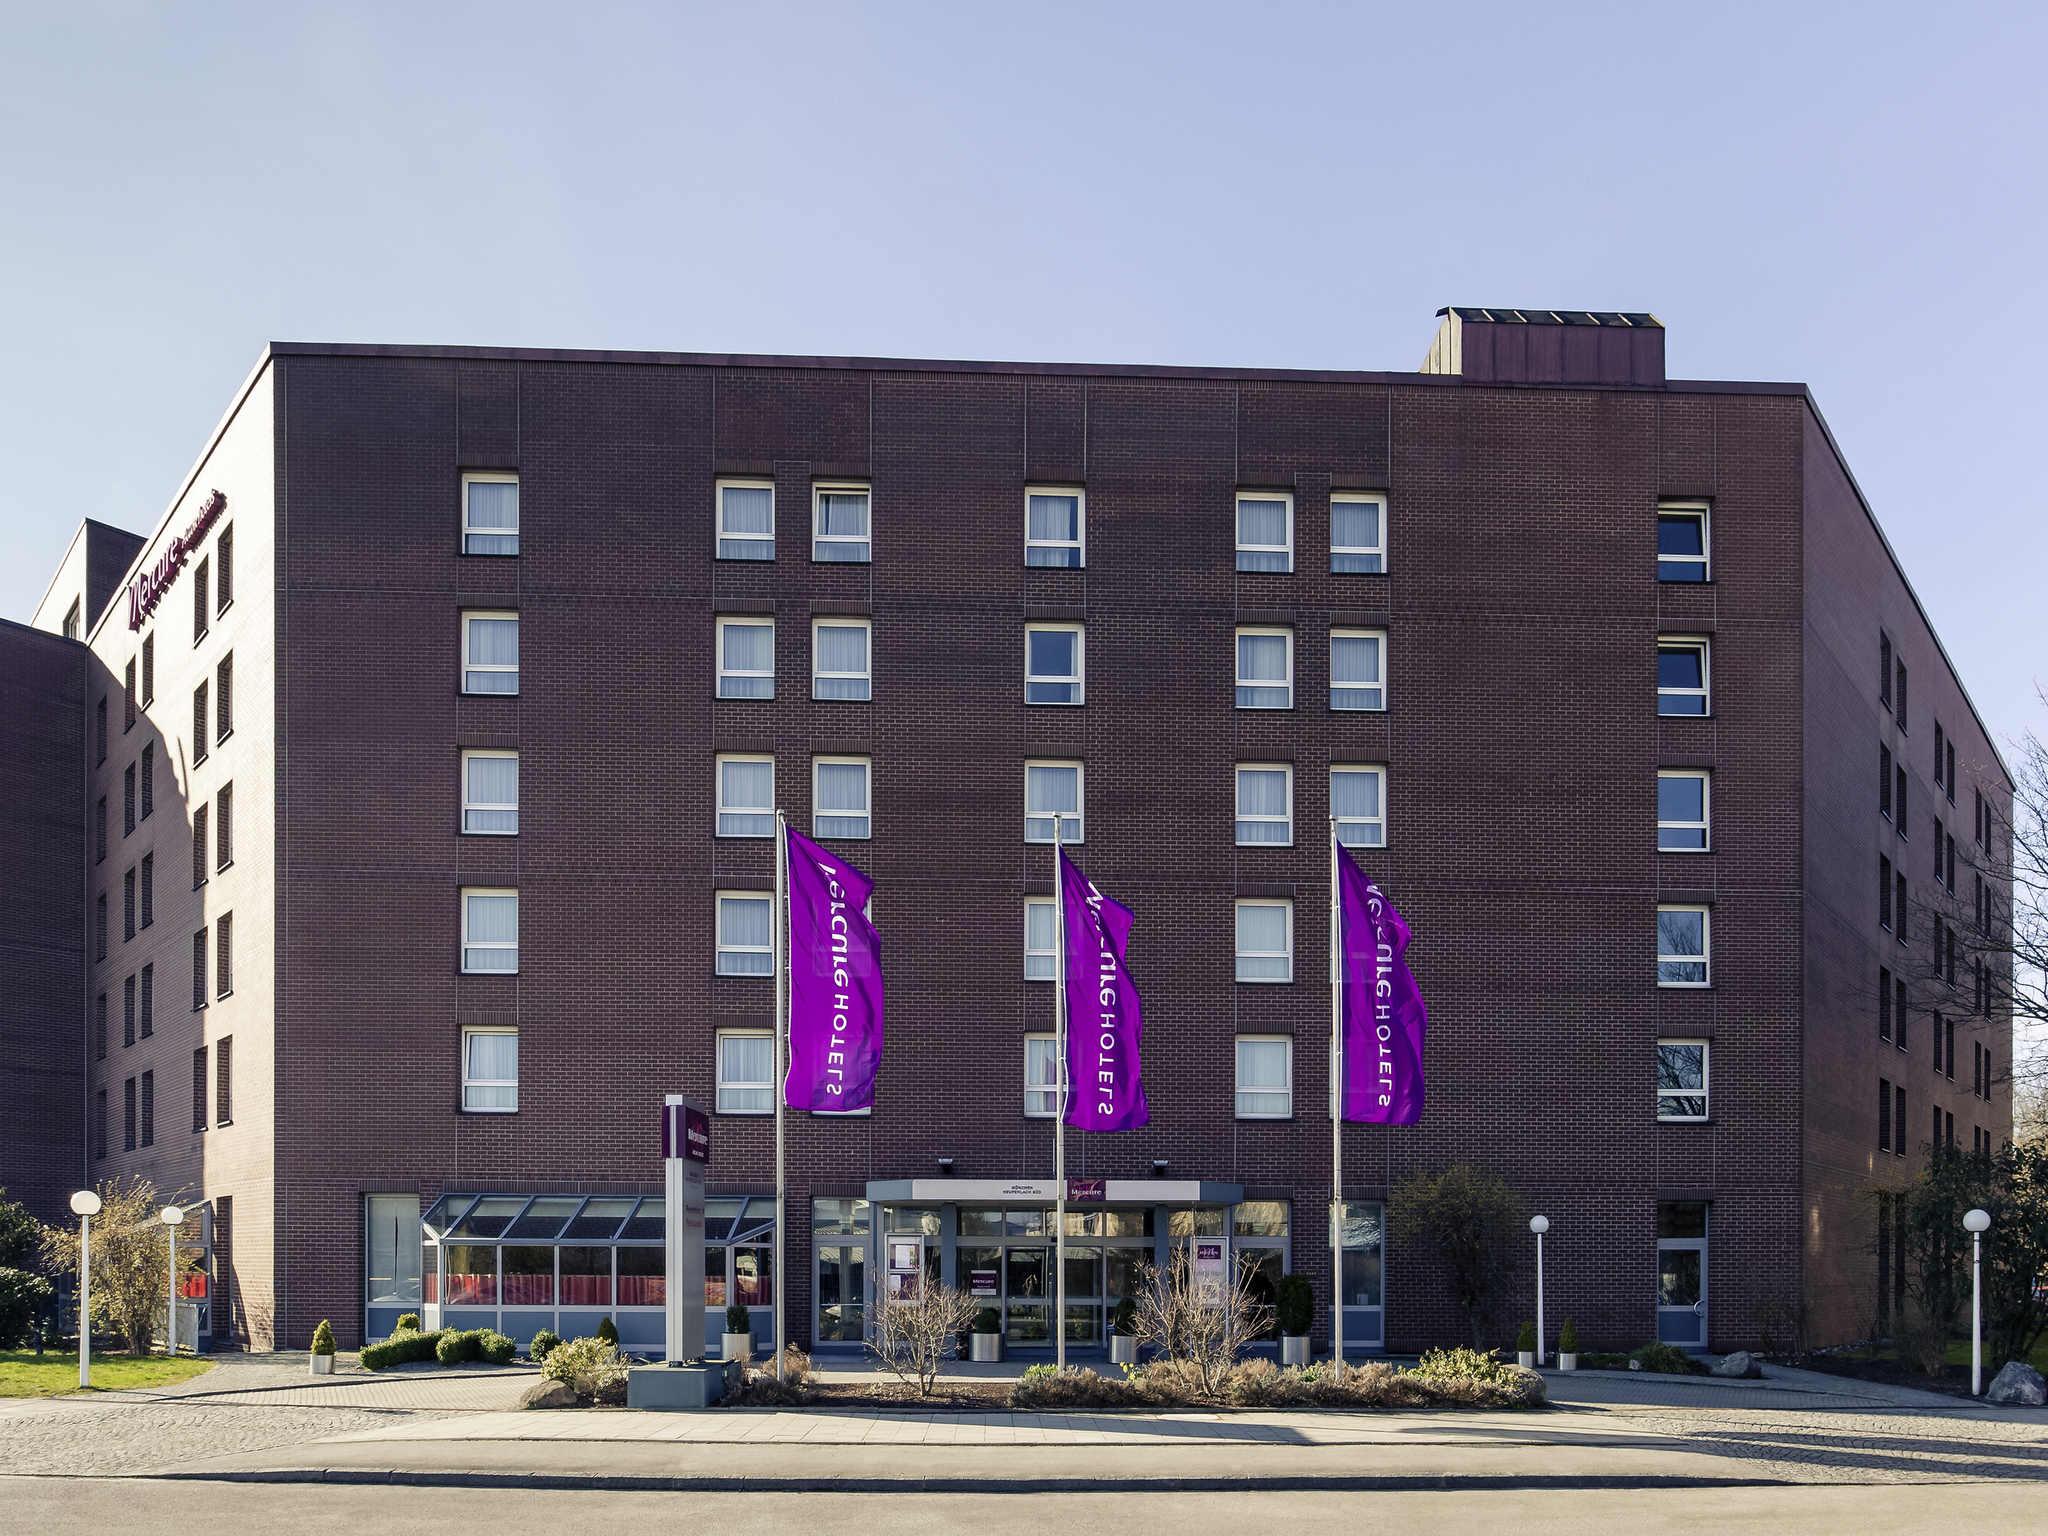 ホテル – メルキュールホテルミュンヘンネウペラッヒズード